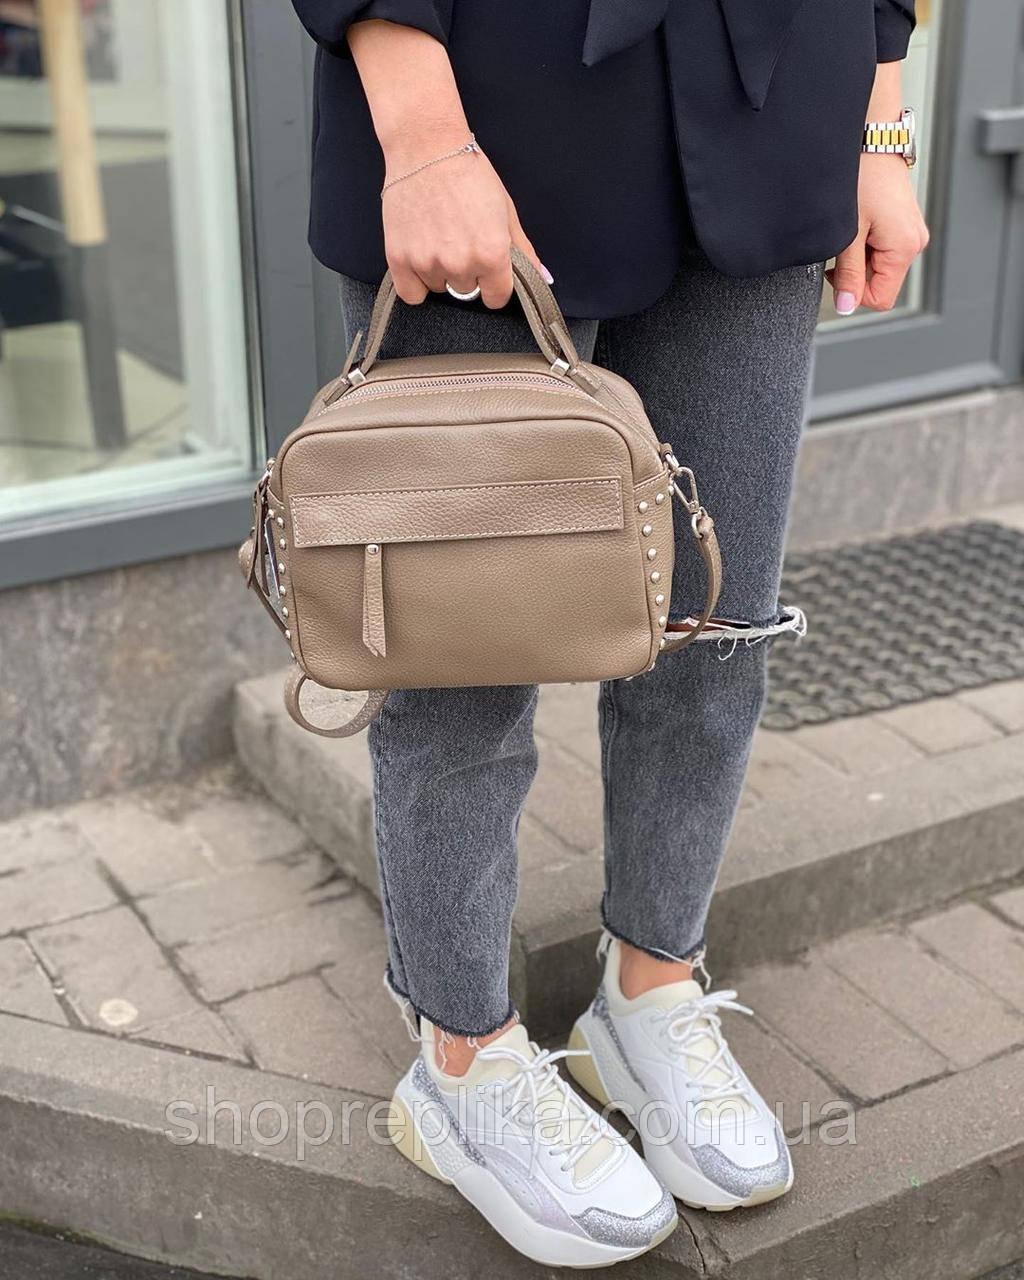 Кожаная сумка через плечо женская Италия итальянские кожаные сумки бежевая df265f7